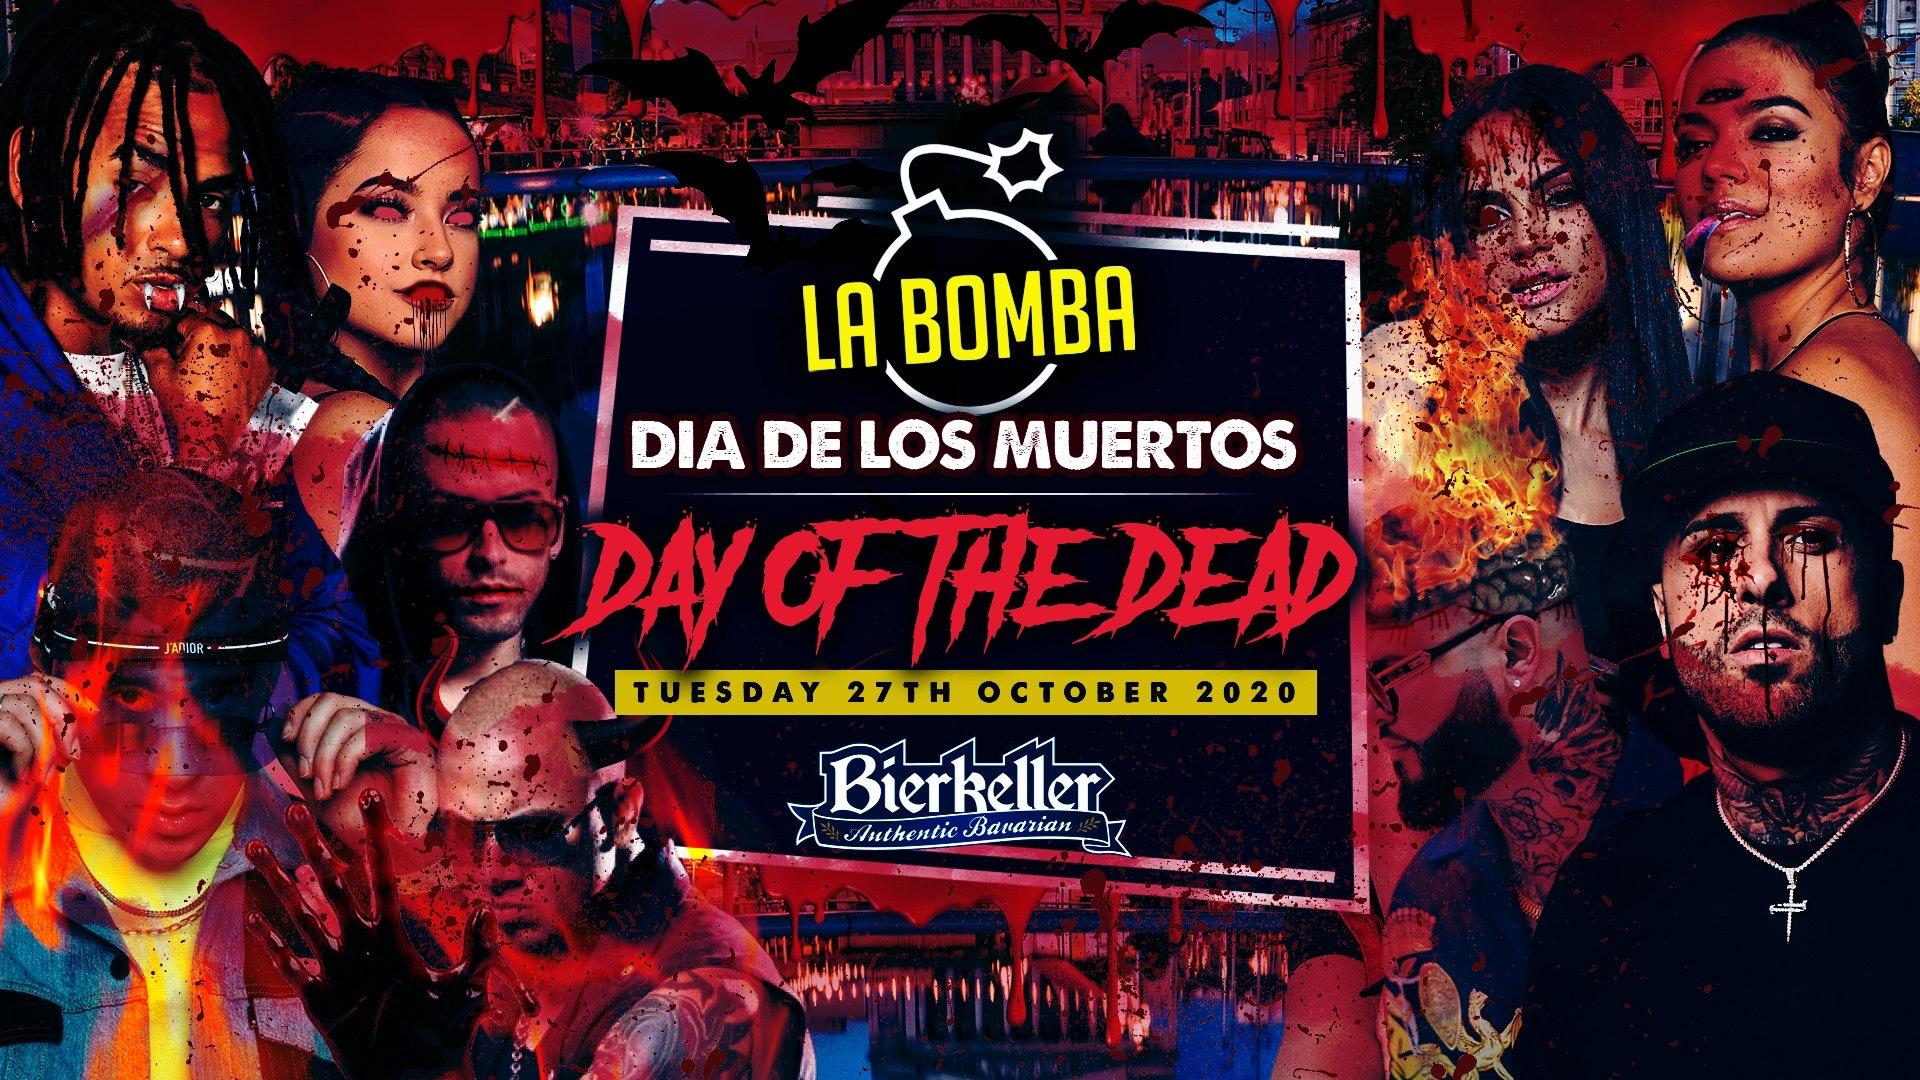 La BOMBA / Dia De Los Muertos / Day of the Dead